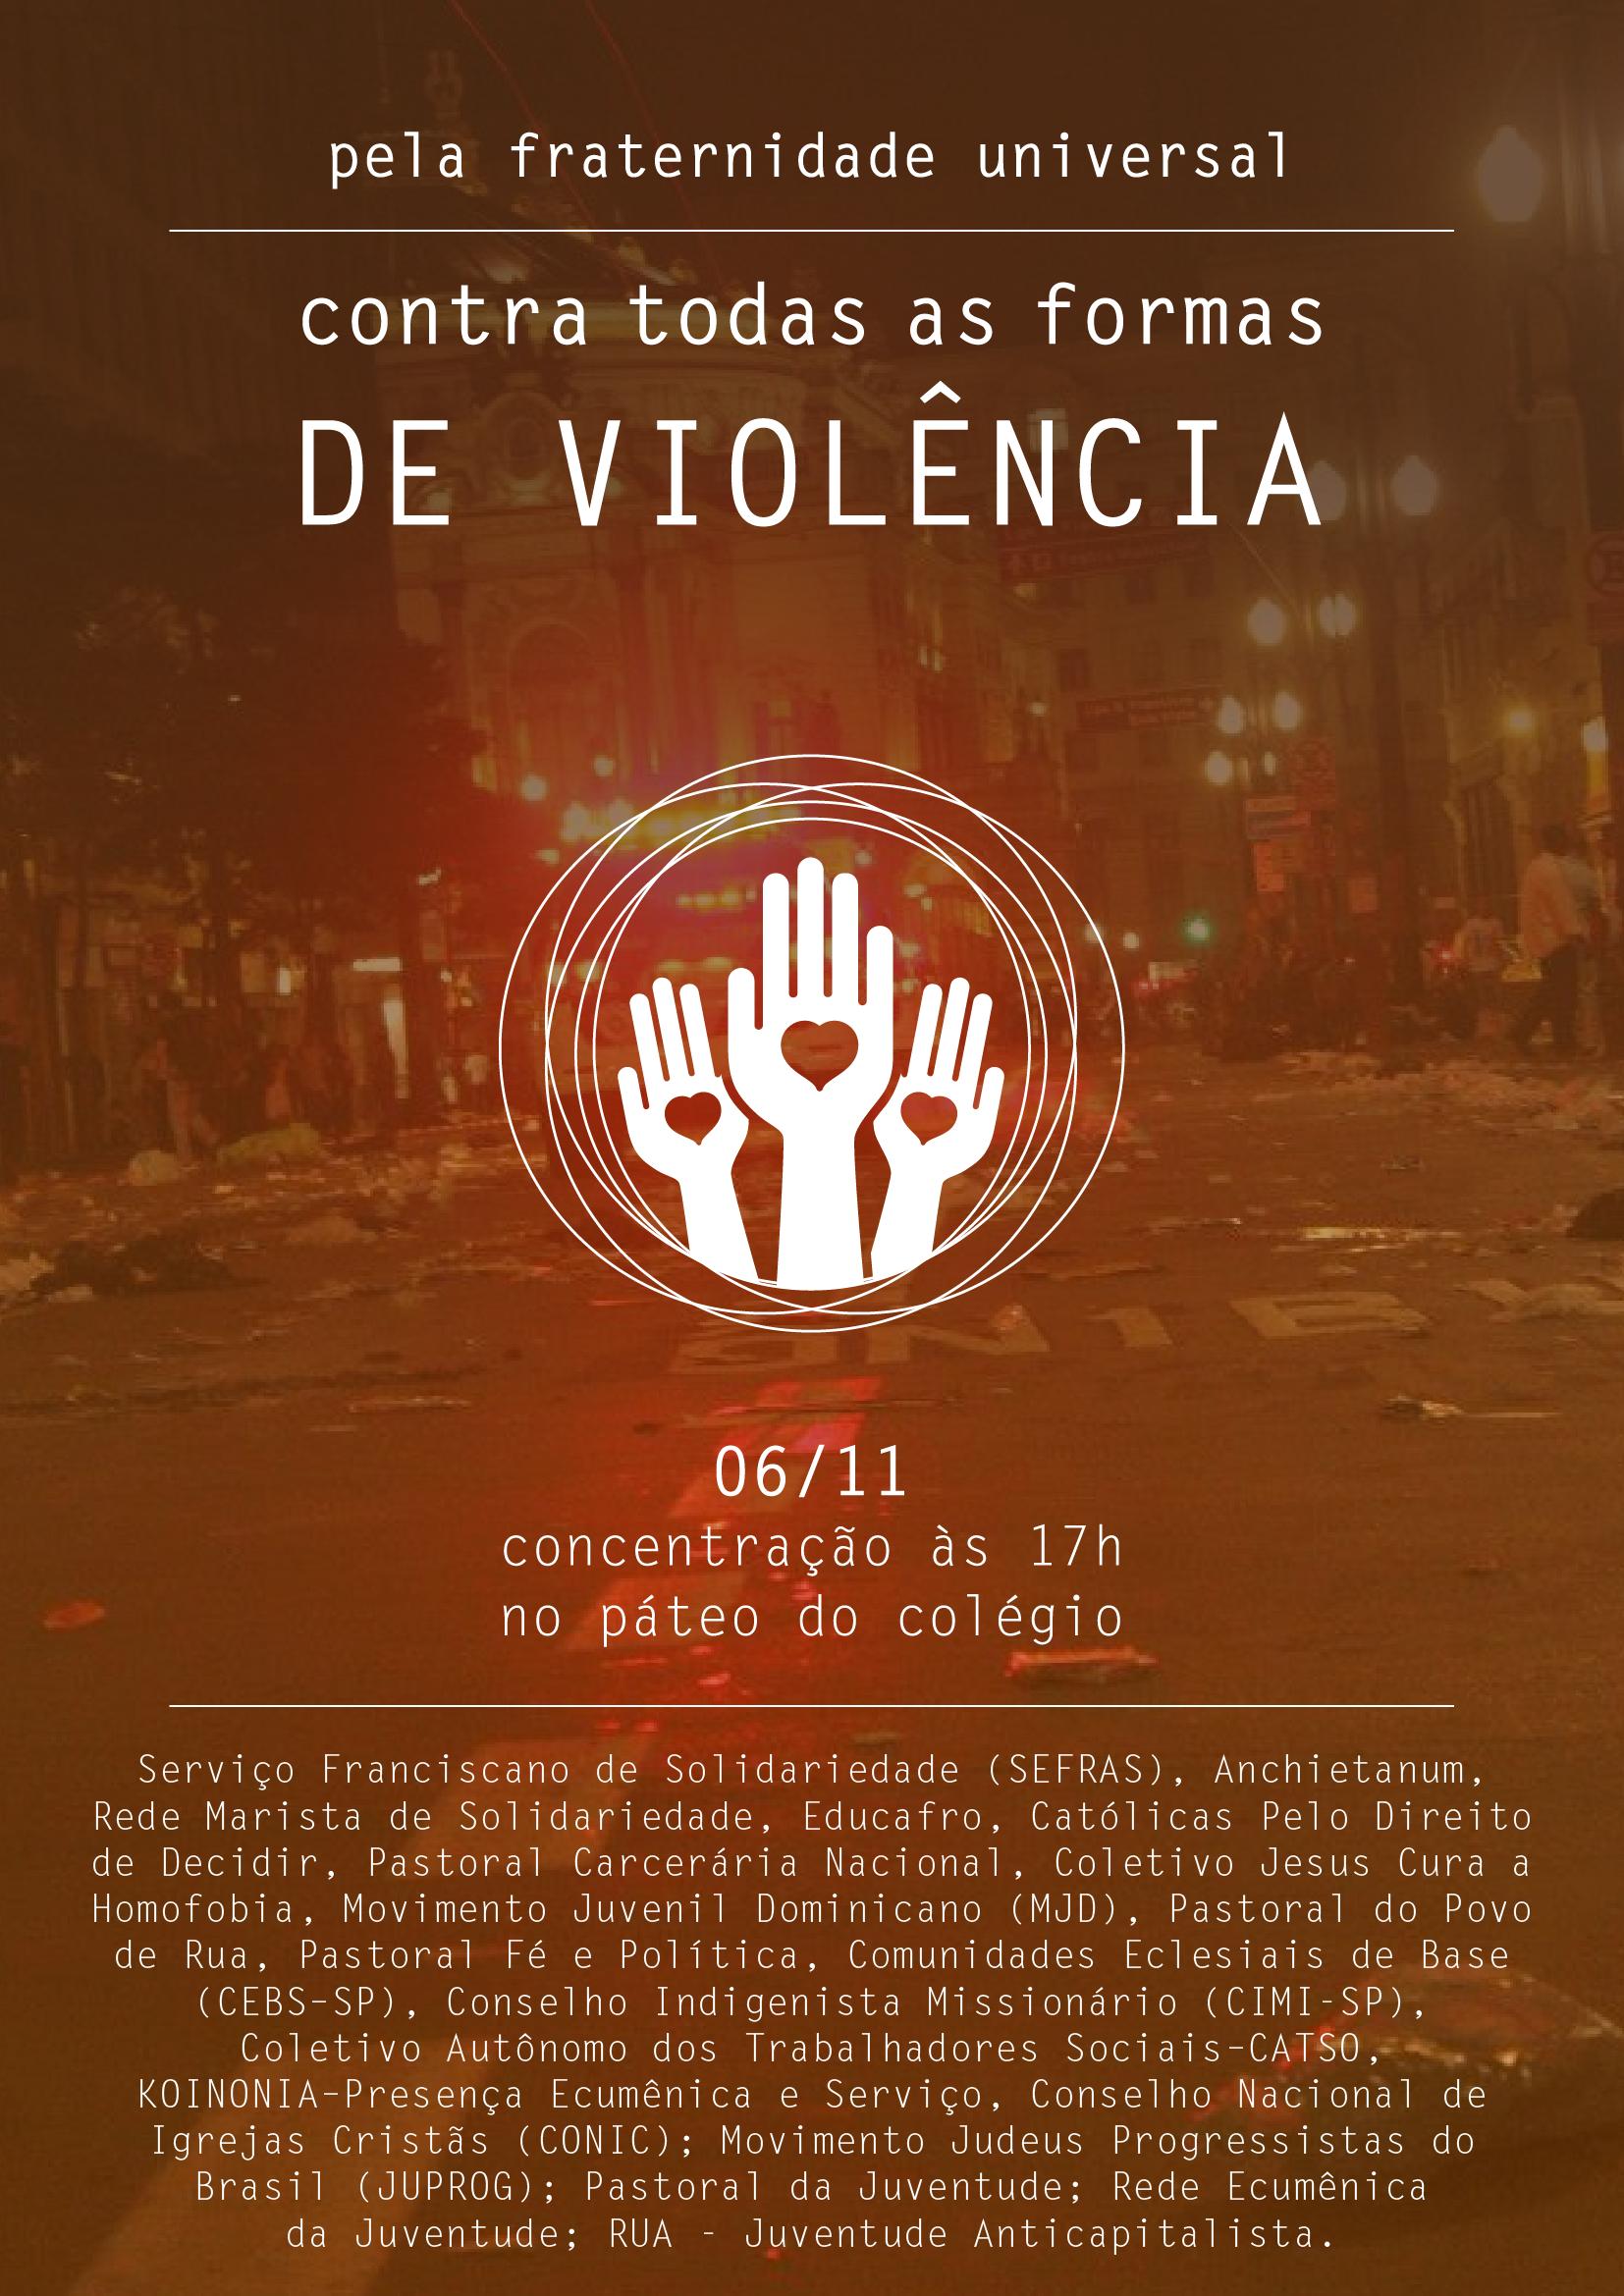 Coletivos lançam manifesto contra toda forma de violência